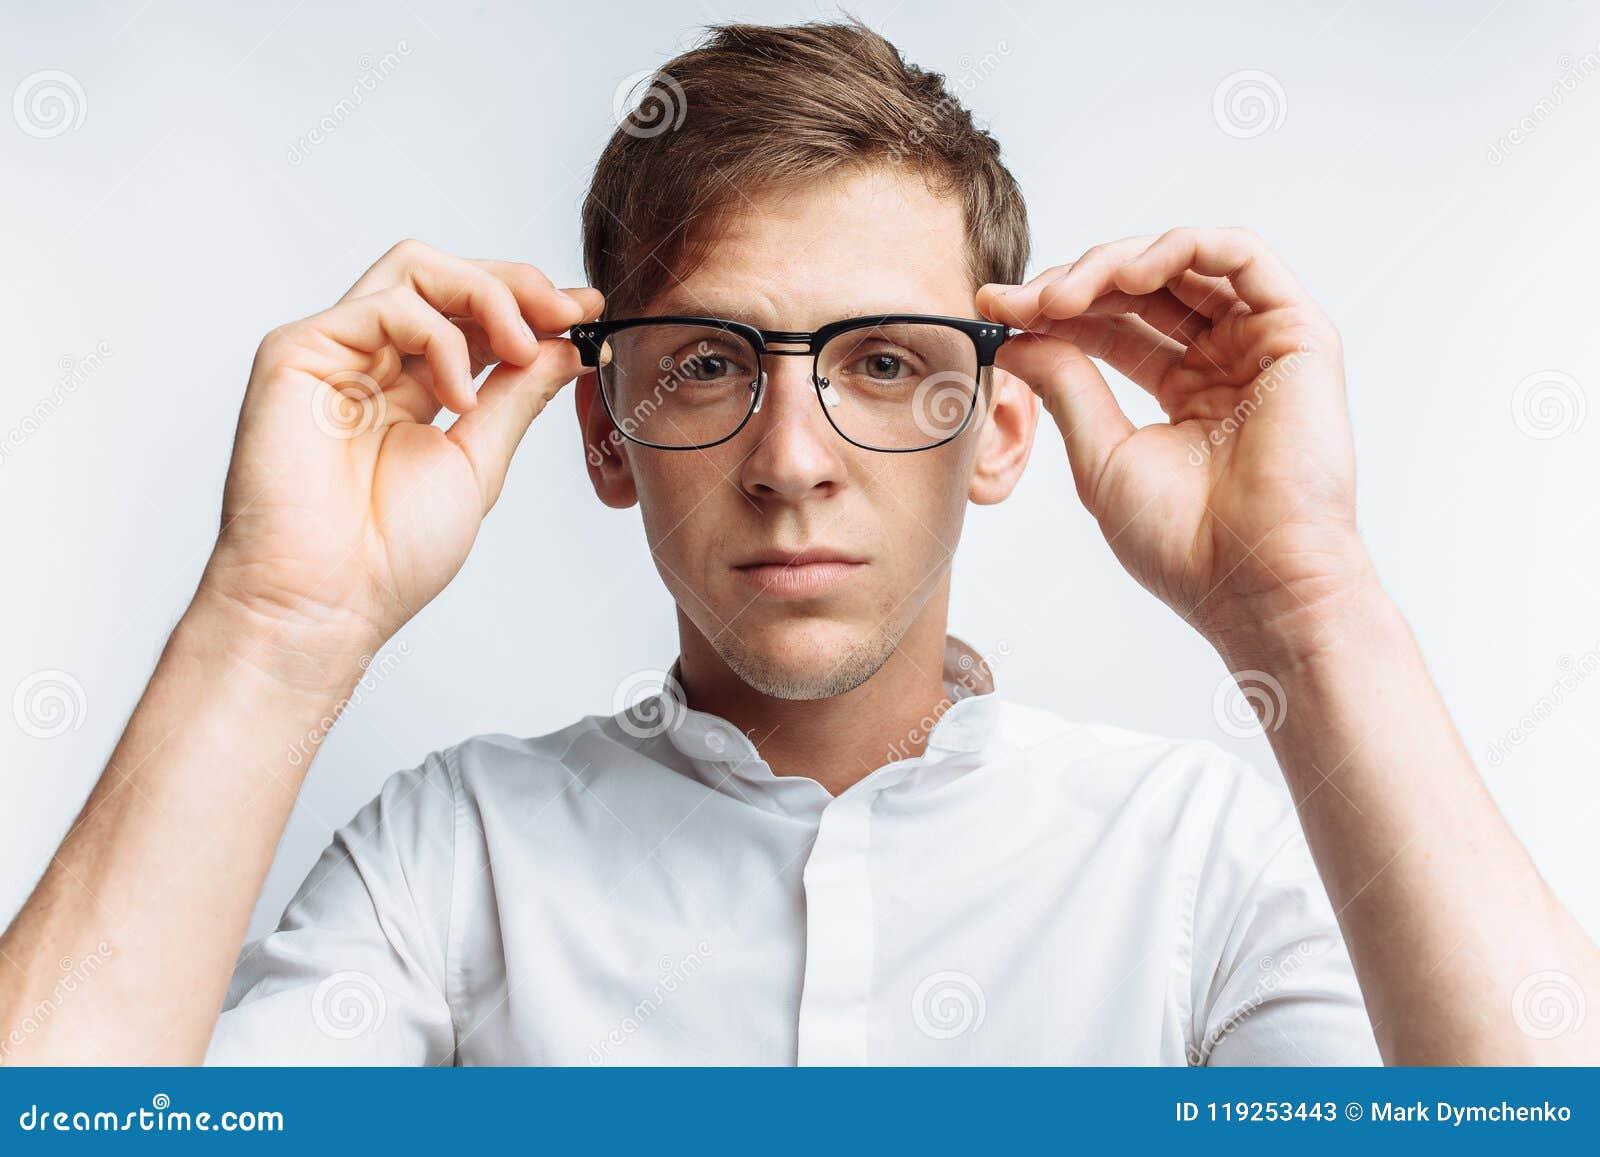 Retrato do indivíduo atrativo novo nos vidros, na camisa branca, isolada no fundo branco, para anunciar, inserção do texto